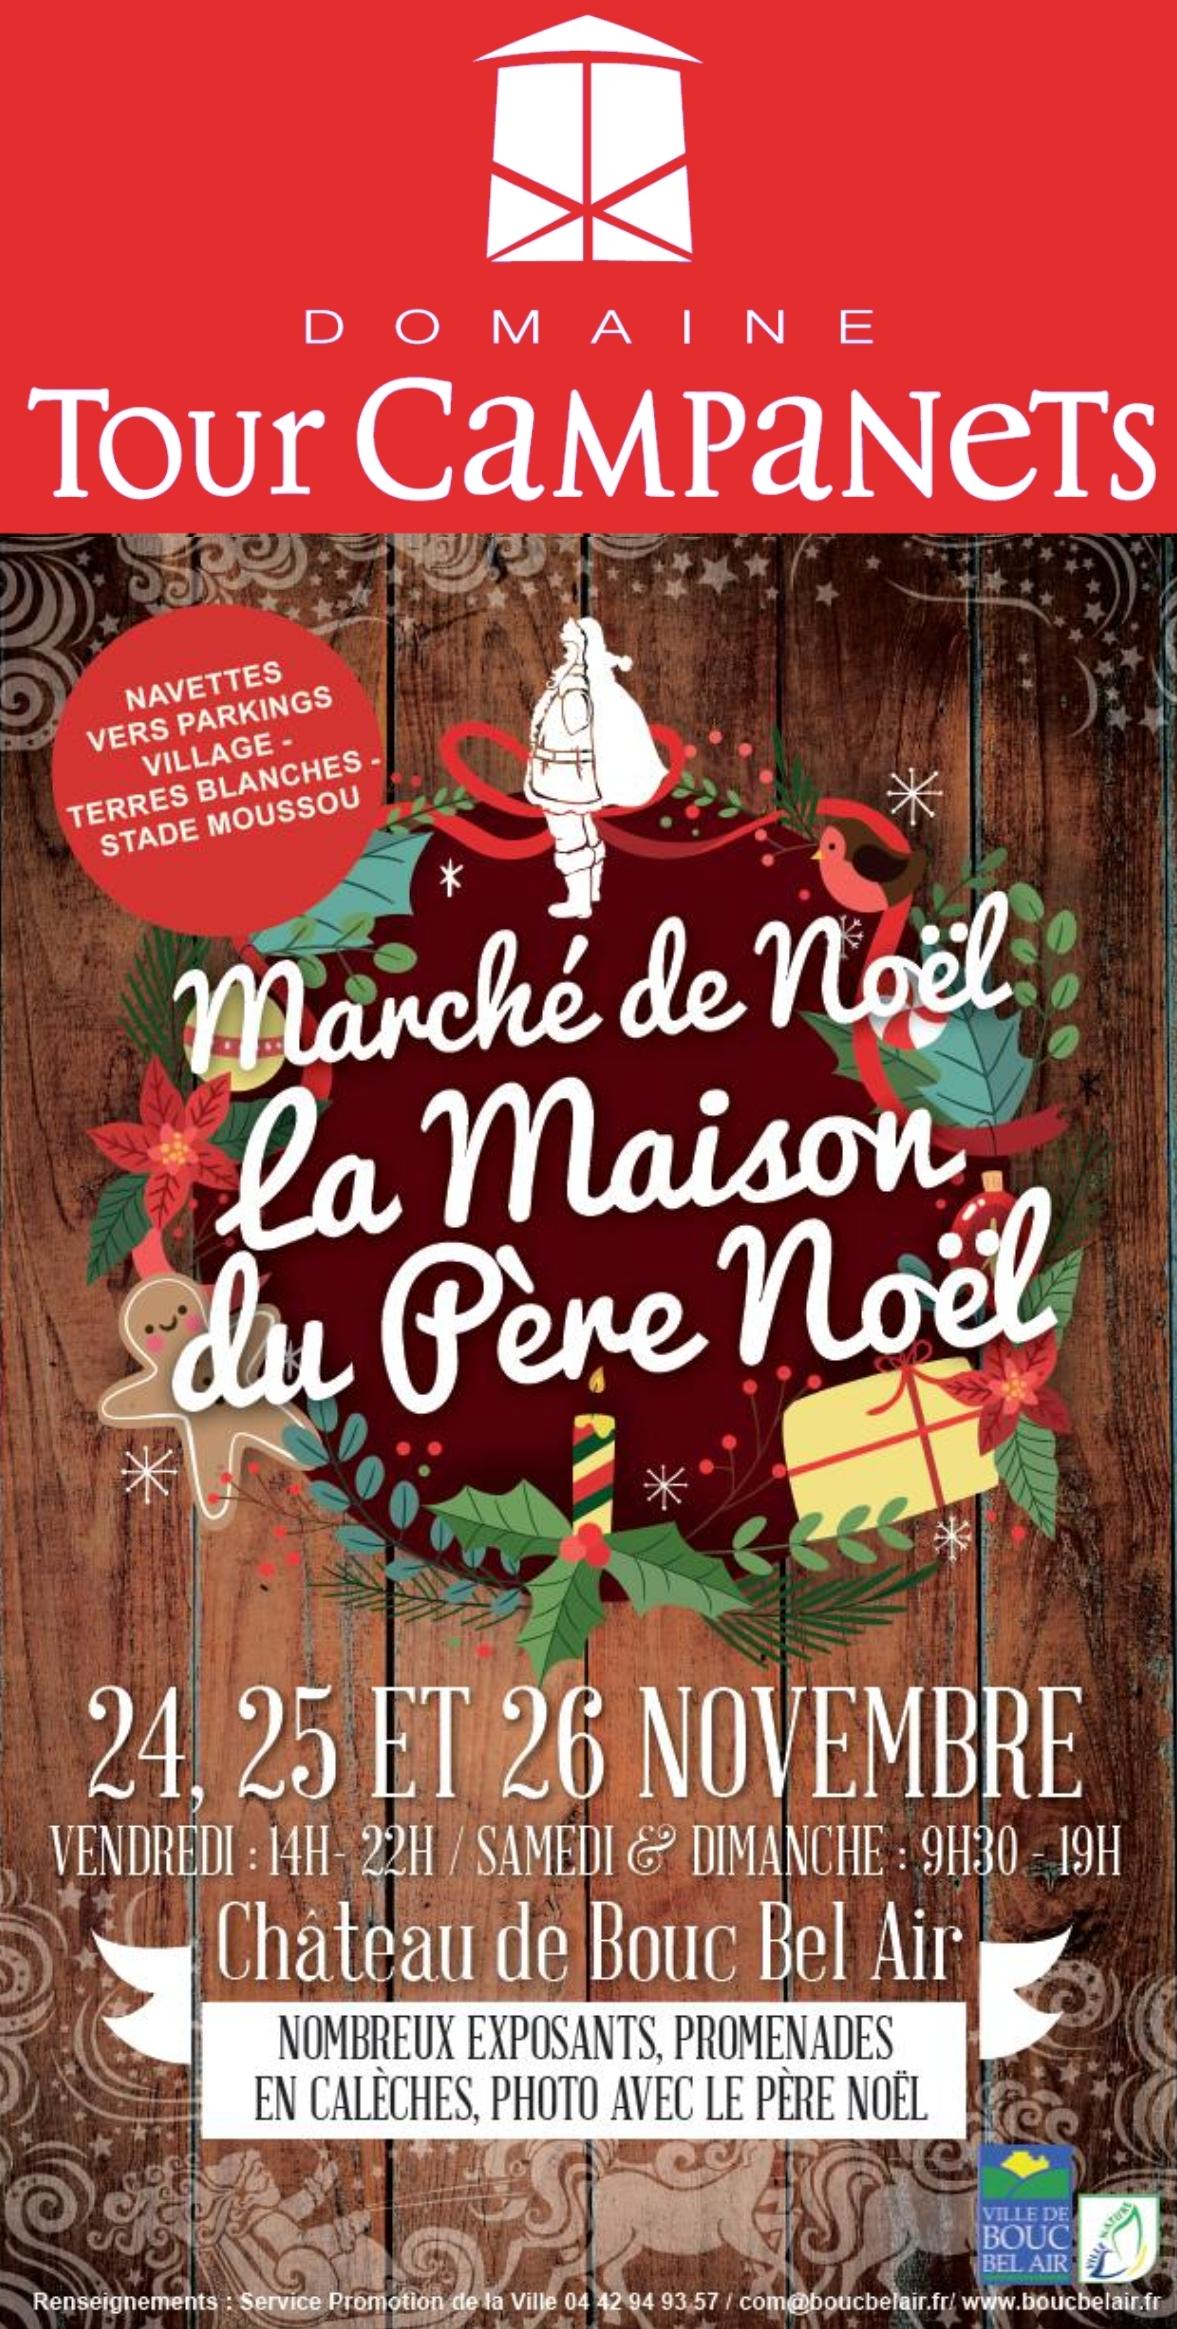 Venez déguster et décourvir les vins du Domaine Tour Campanets sur notre stand à l'occasion de la deuxième édition du Marché de Noël de la ville de Bouc Bel Air qui se déroulera au Château les 24, 25 et 26 novembre 2017.